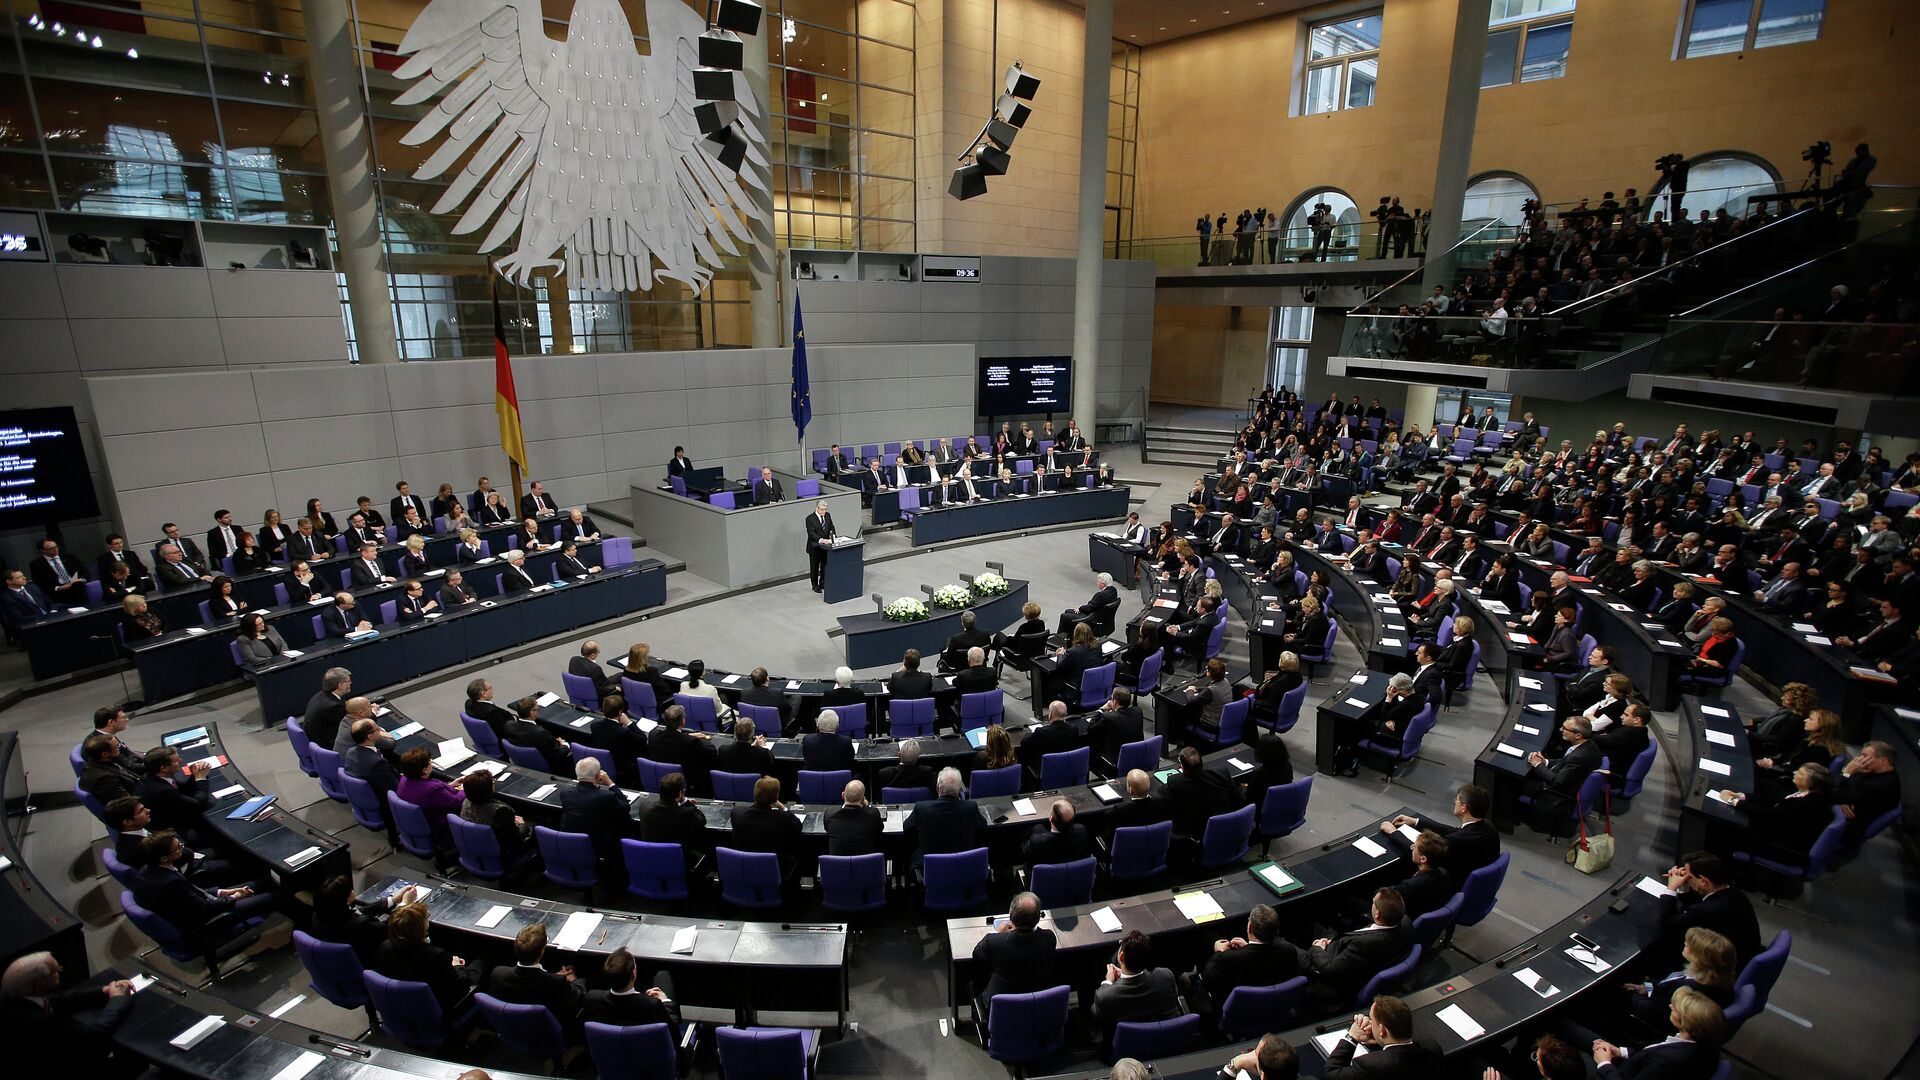 Bundestag - Sputnik Česká republika, 1920, 22.06.2021